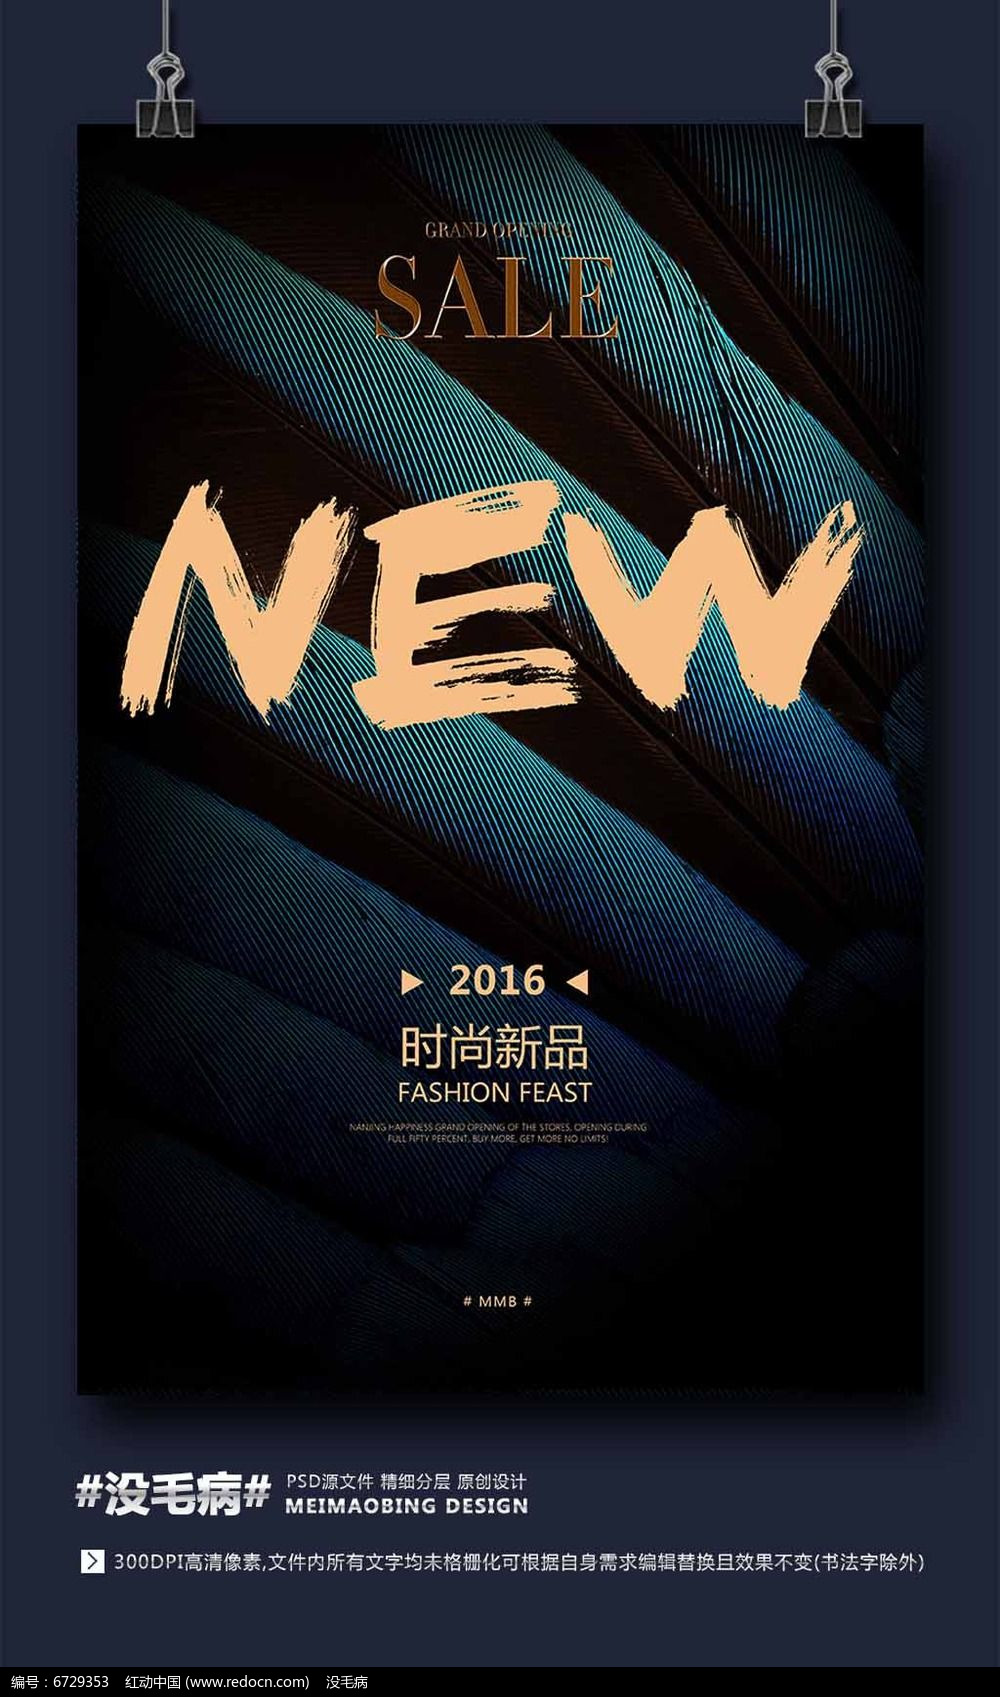 原创设计稿 海报设计/宣传单/广告牌 海报设计 高端奢侈品店开业新品图片